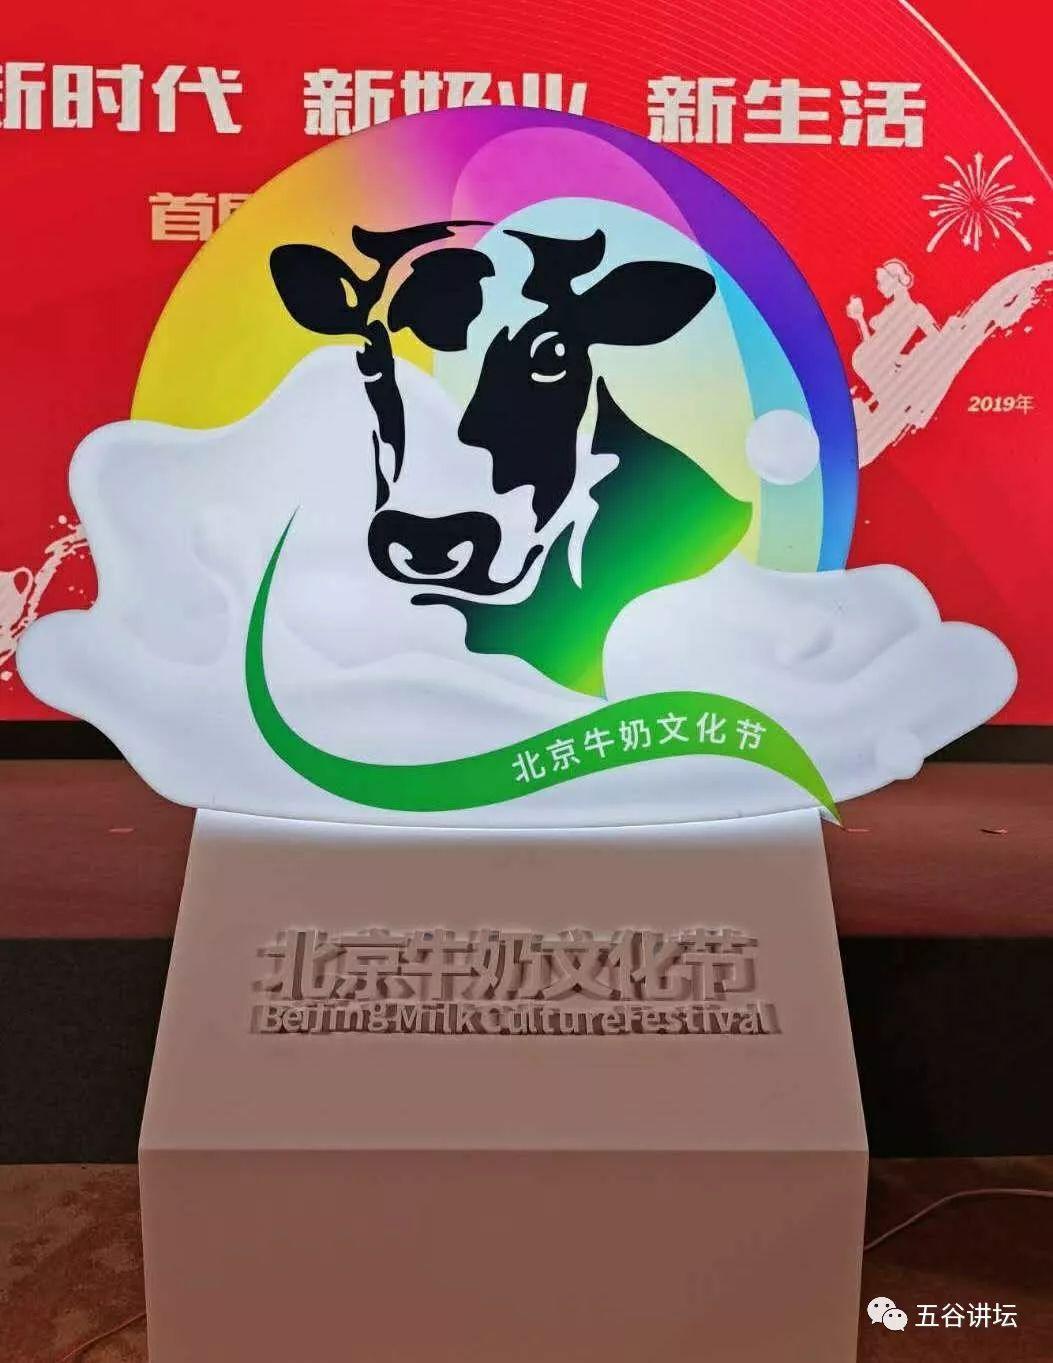 北京人均喝奶提高125倍,被称为乳业良心的三元功不可没!